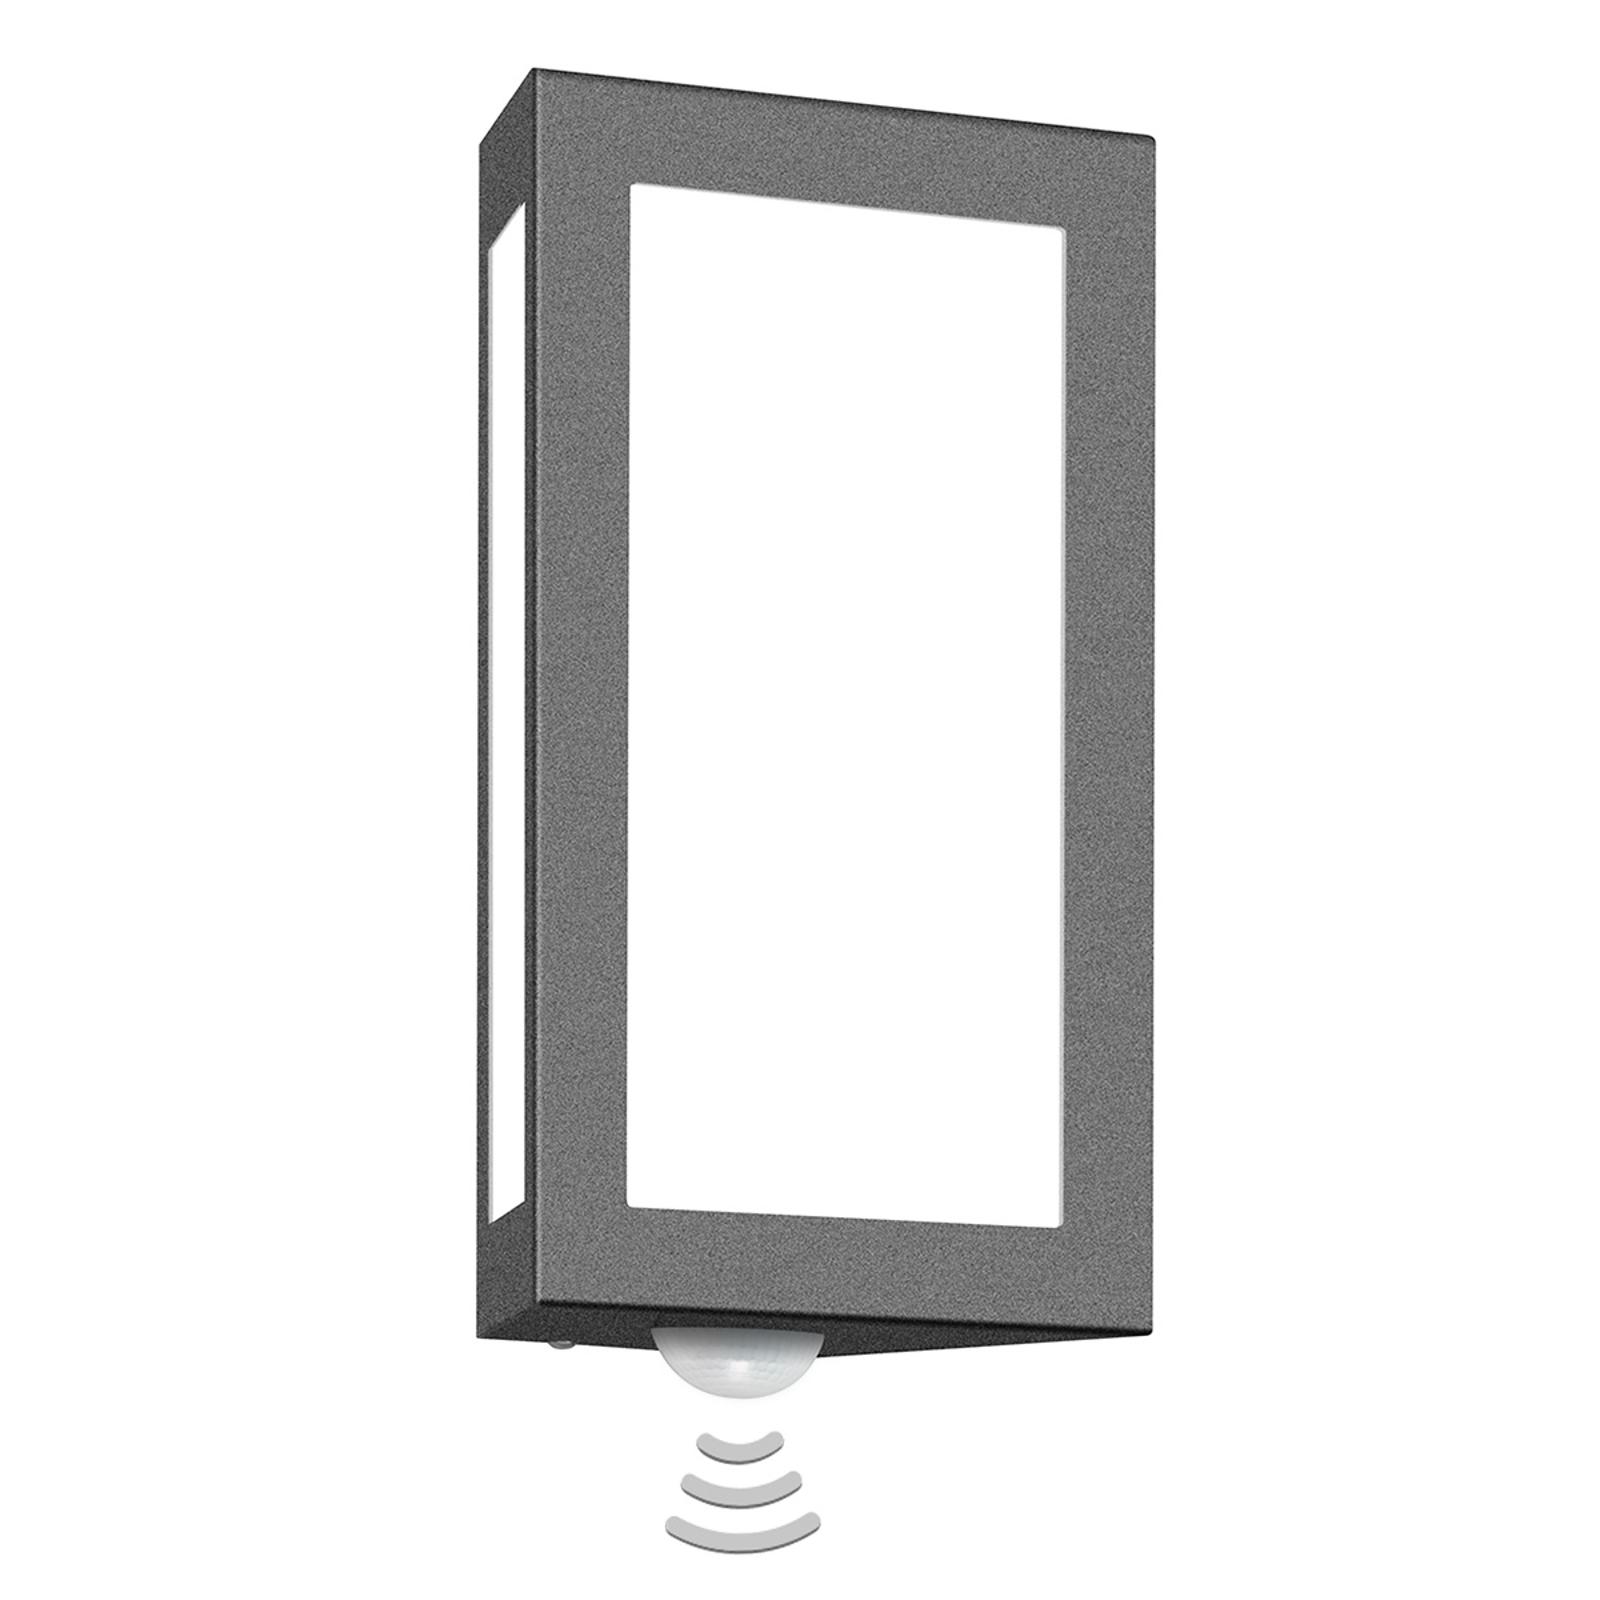 Udendørs væglampe Long med sensor